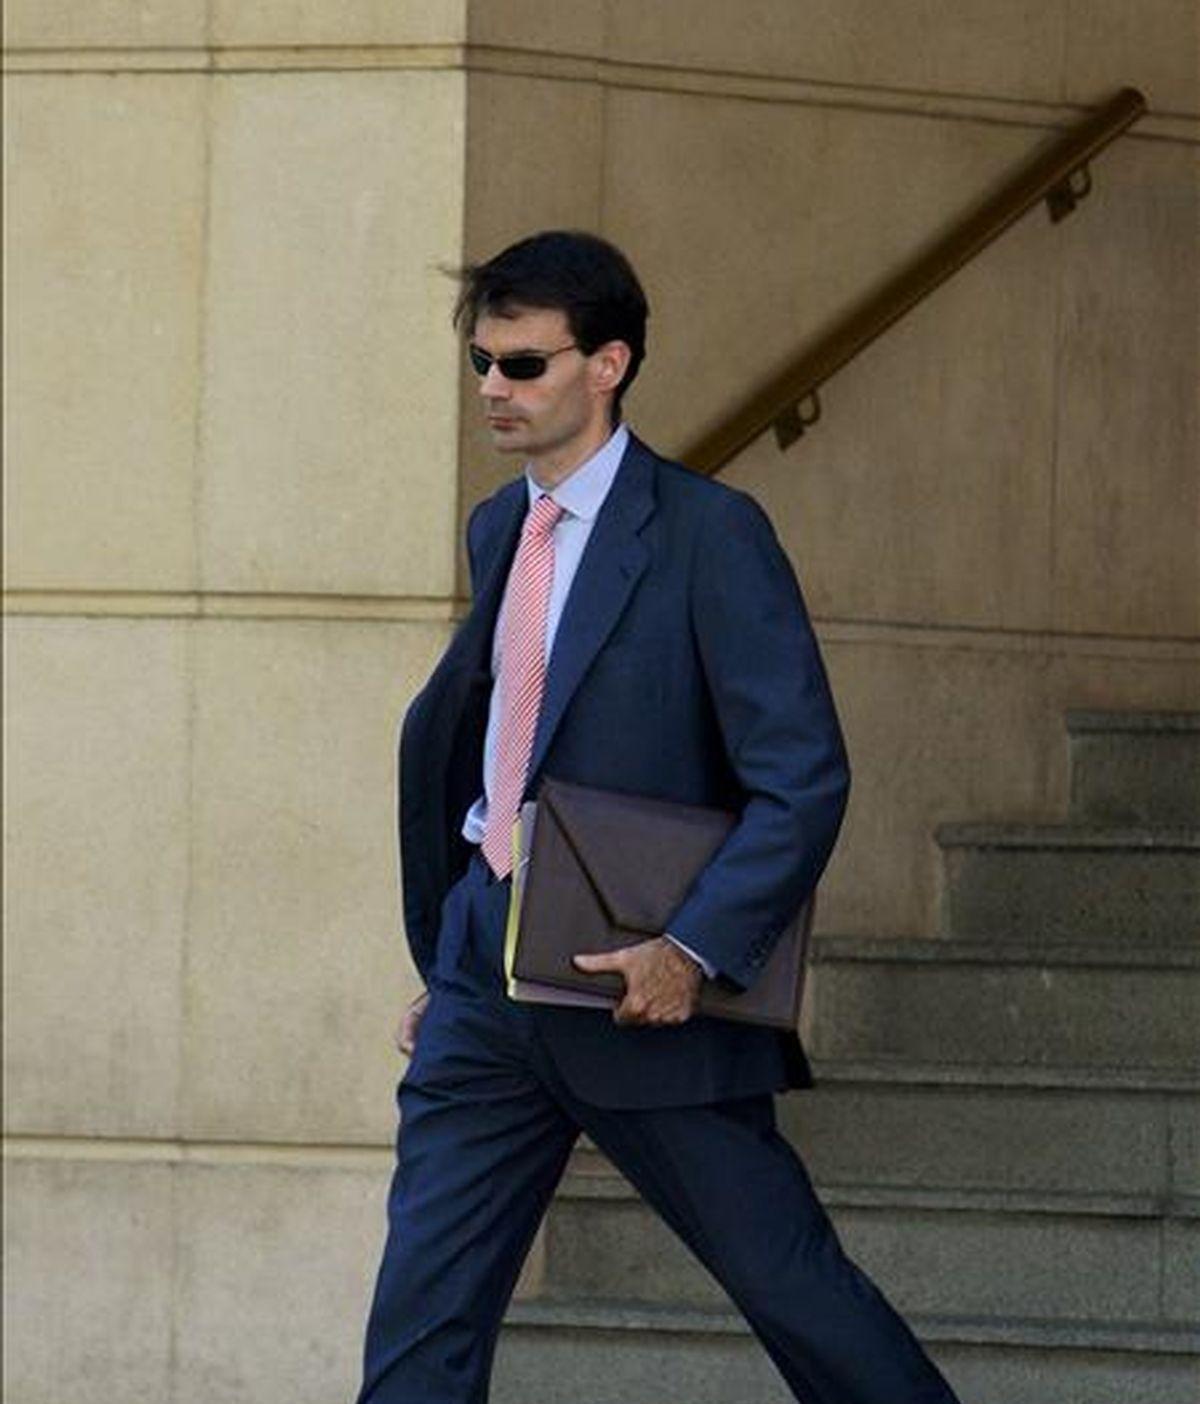 El magistrado Pablo Rafael Ruz Gutiérrez, que va a sustituir al juez Baltasar Garzón en la Audiencia Nacional tras ser éste suspendido cautelarmente de sus funciones el pasado mayo, a su salida de la Audiencia a la que se ha incorporado esta mañana. EFE